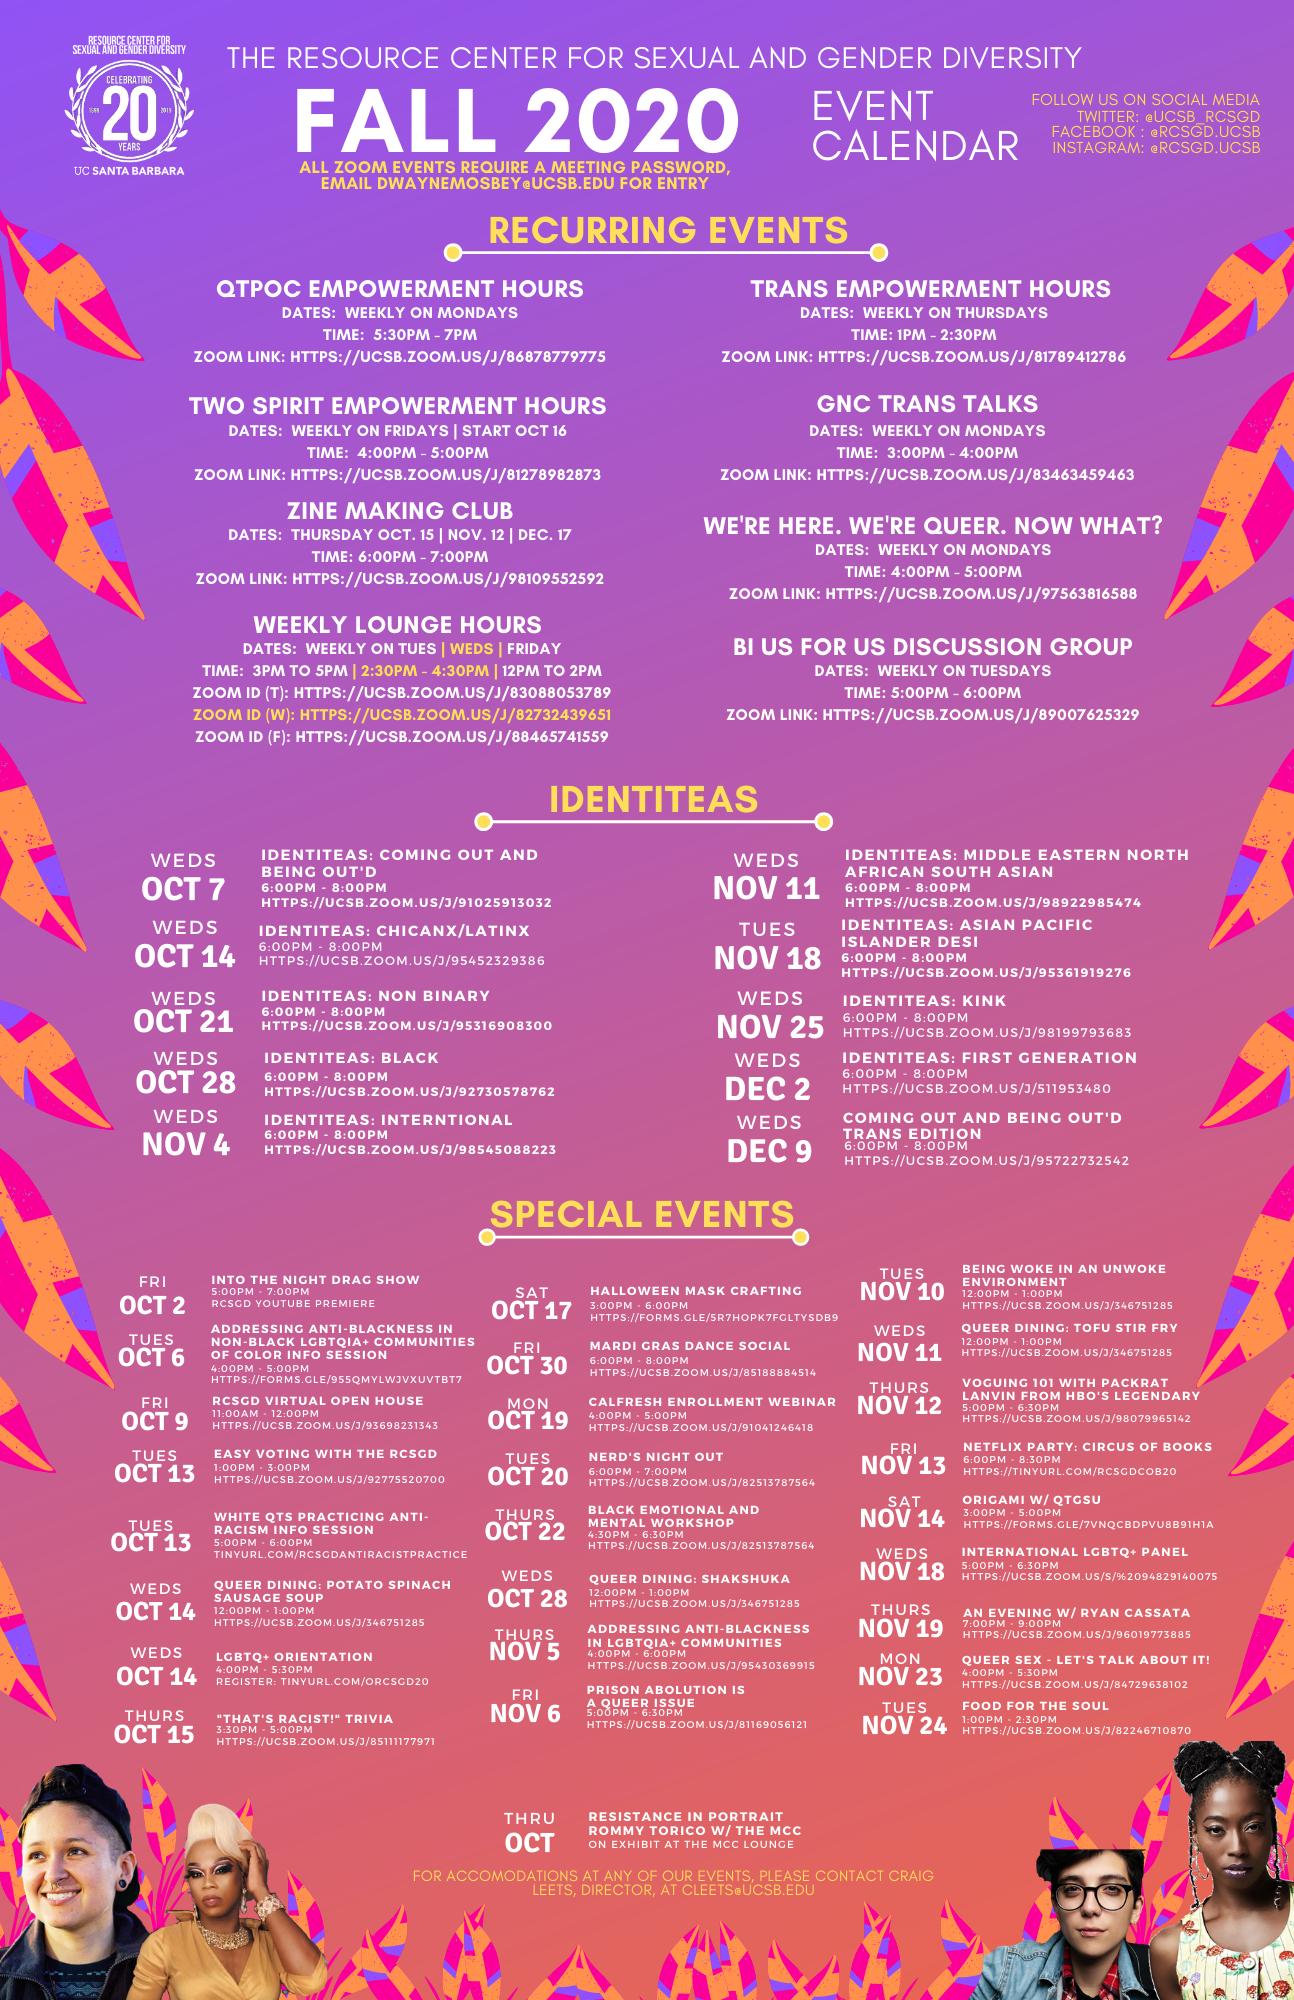 Ucsb Calendar 2021 RCSGD Winter 21 Events Calendar